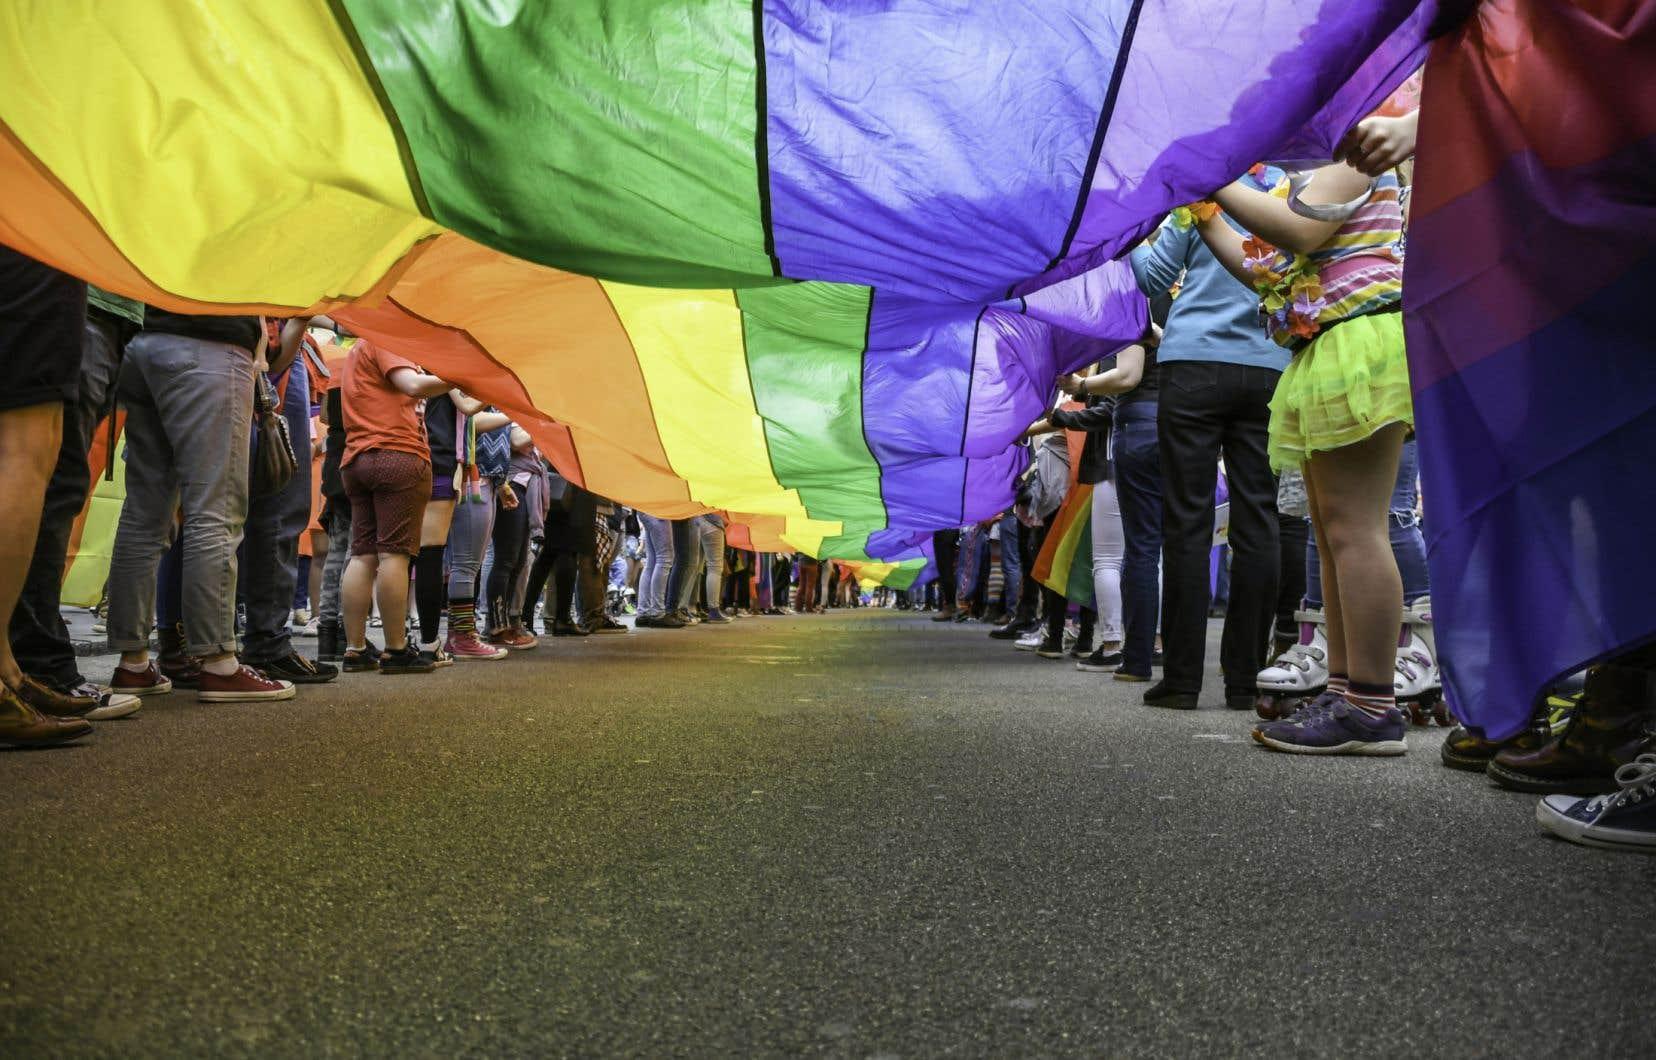 Une étude a révélé que les individus dont l'orientation sexuelle était connue dans le réseau familial et d'amis avaient une meilleure santé psychologique.